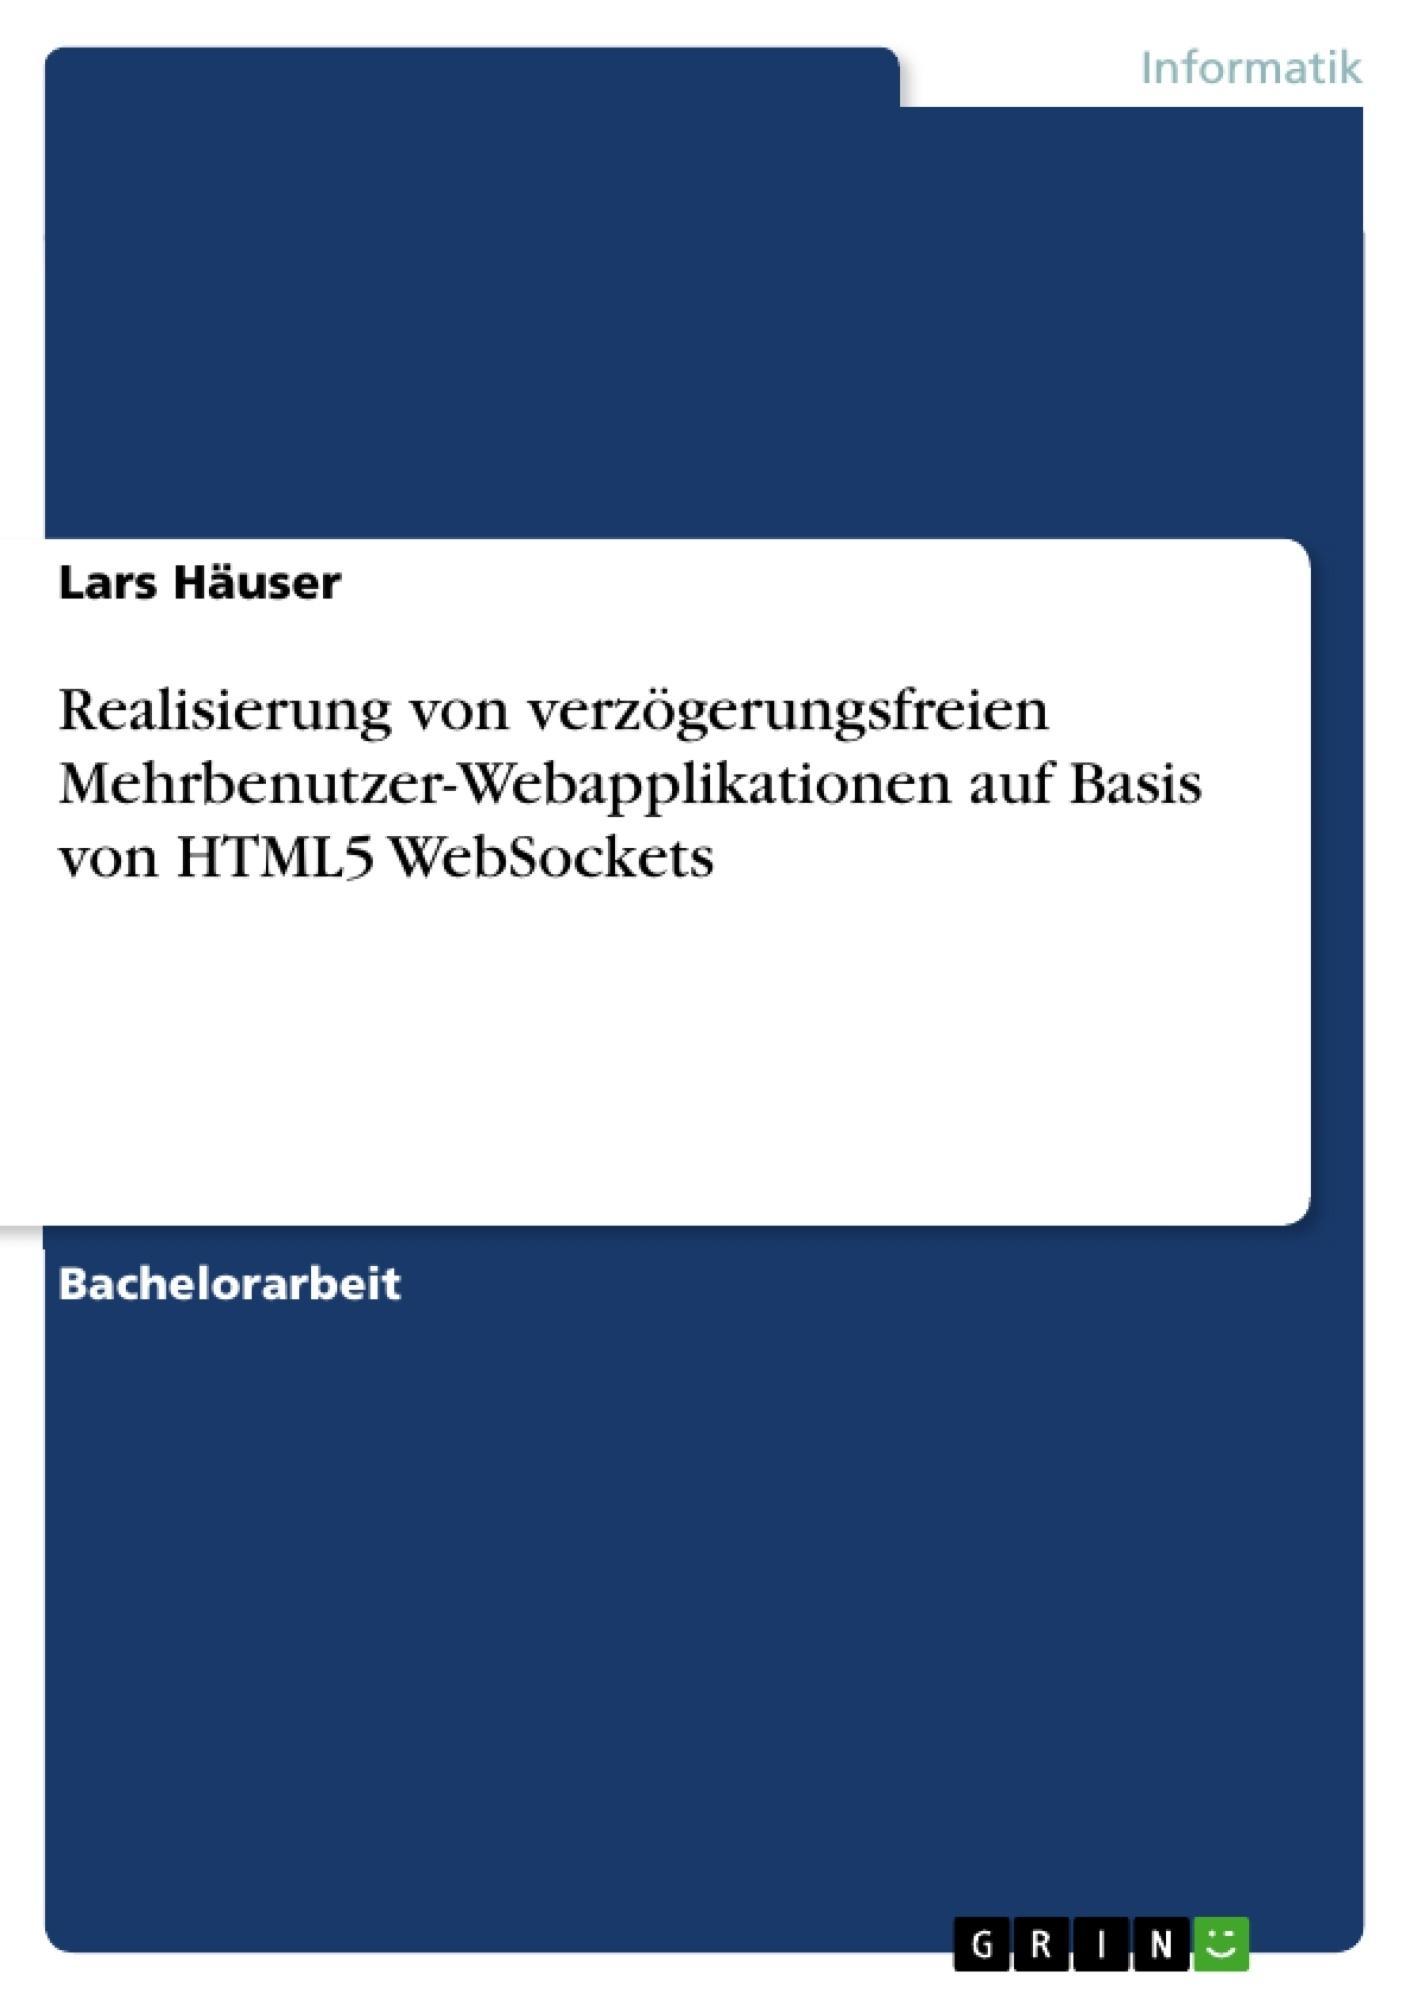 Title: Realisierung von verzögerungsfreien Mehrbenutzer-Webapplikationen auf Basis von HTML5 WebSockets